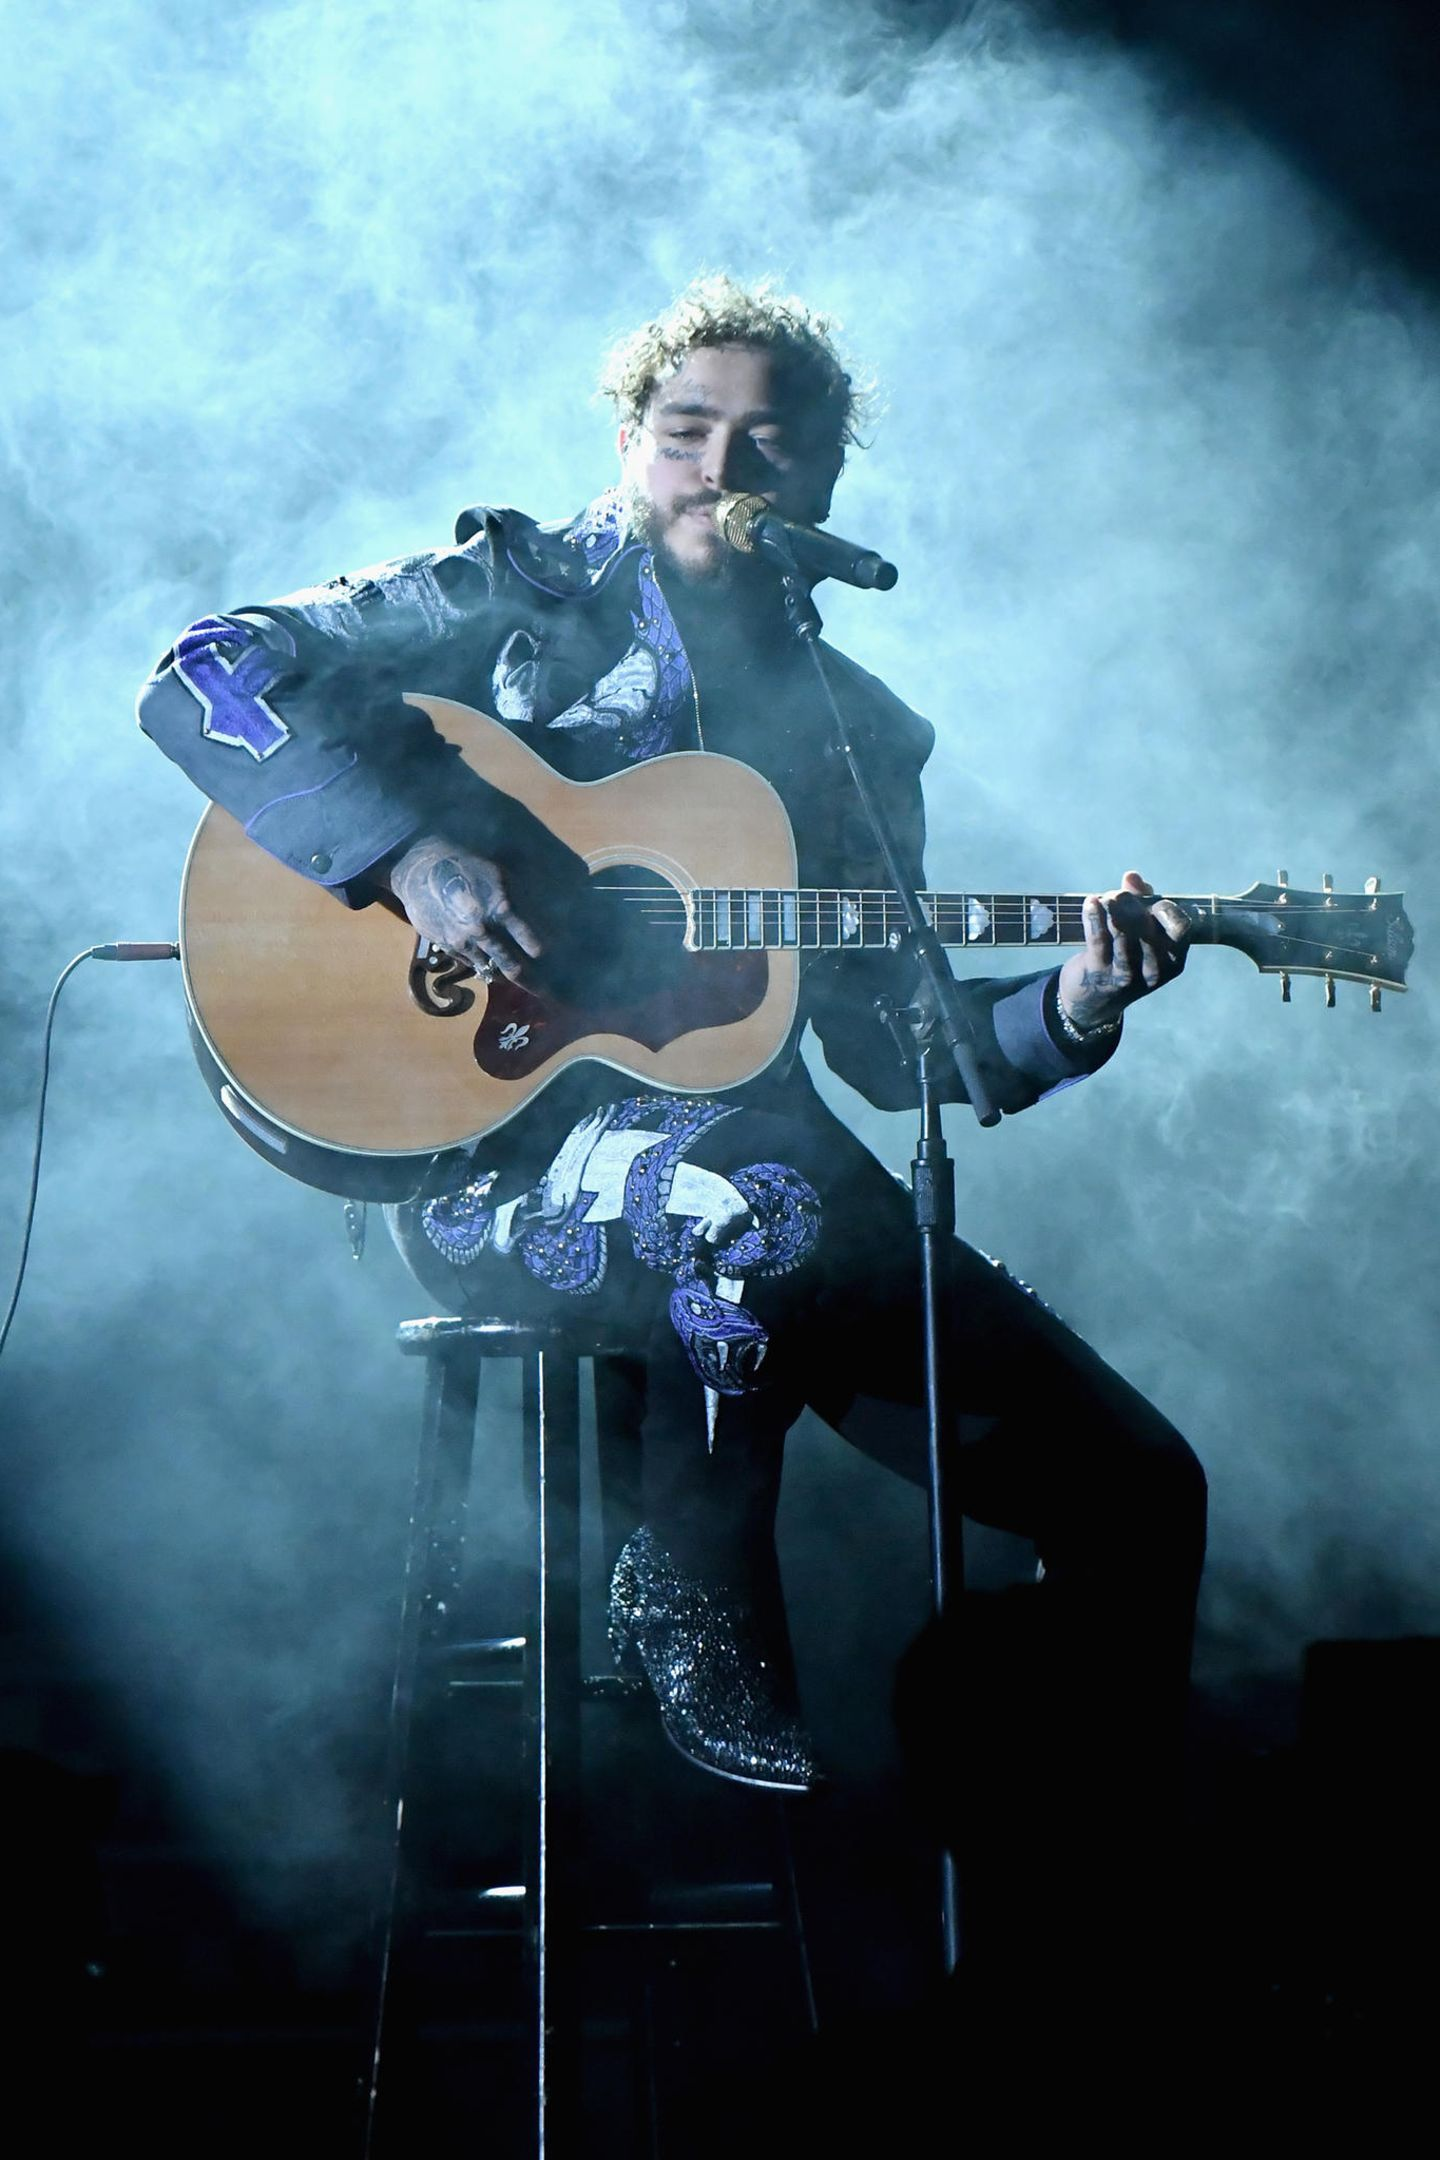 Er mag die Nebelmaschine: Post Malone an der Gitarre.